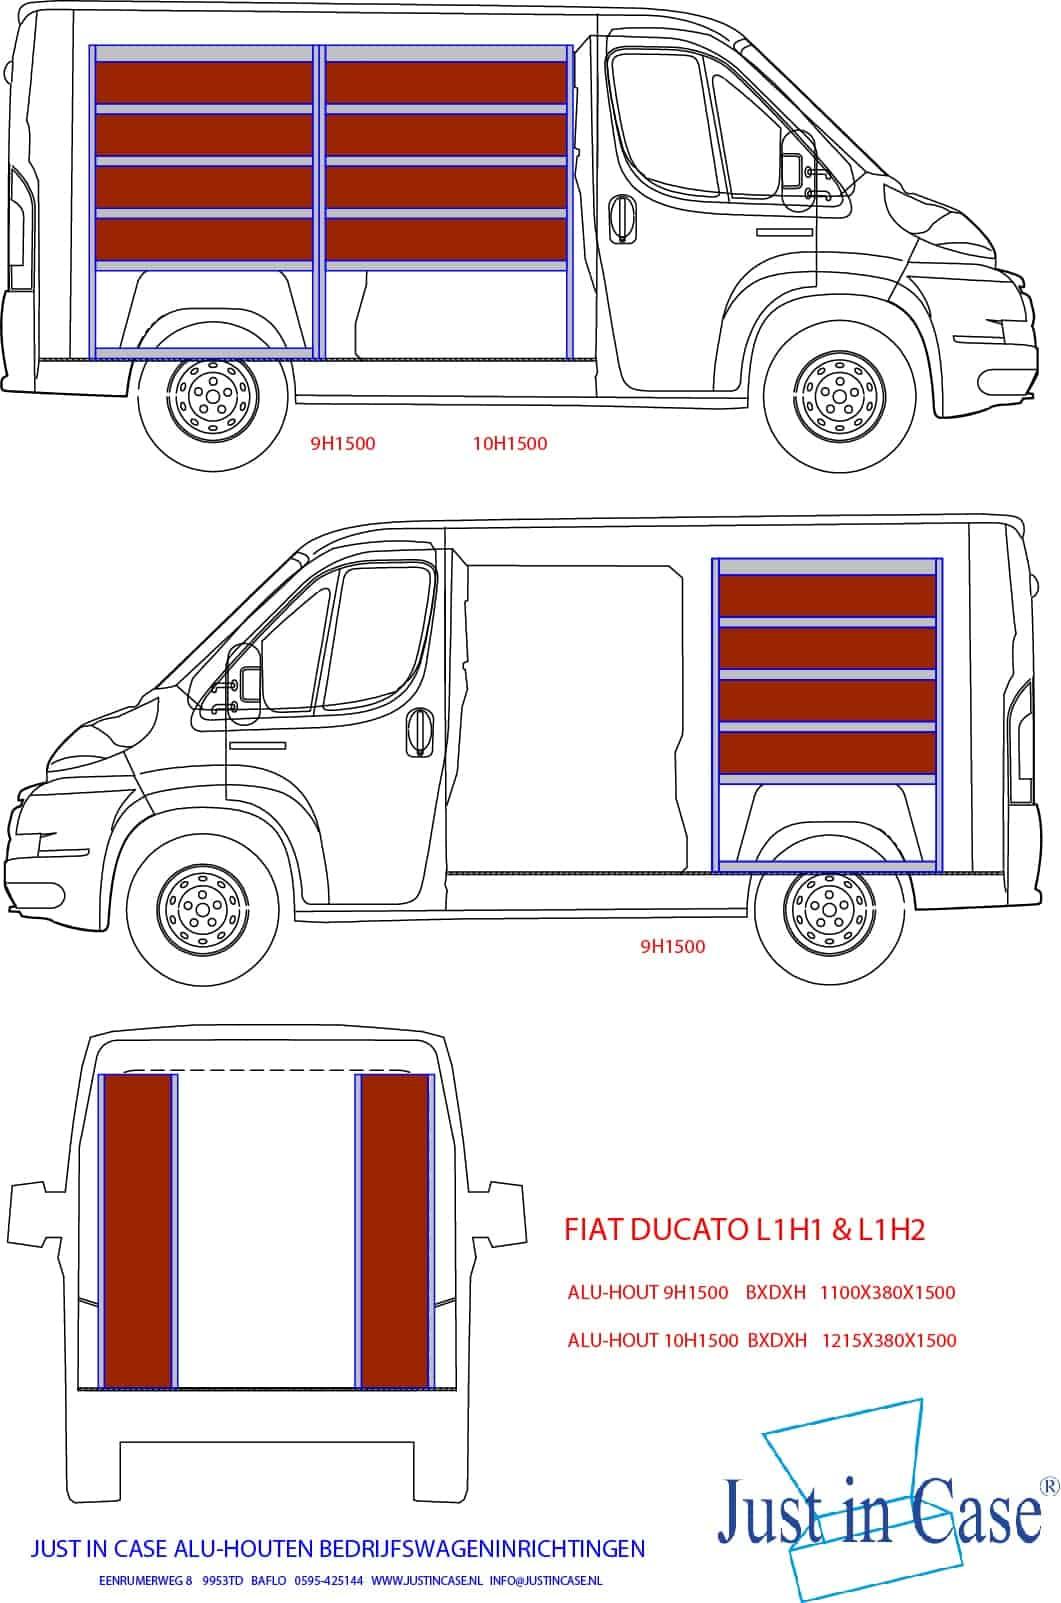 Fiat Ducato bedrijfswagen inrichten